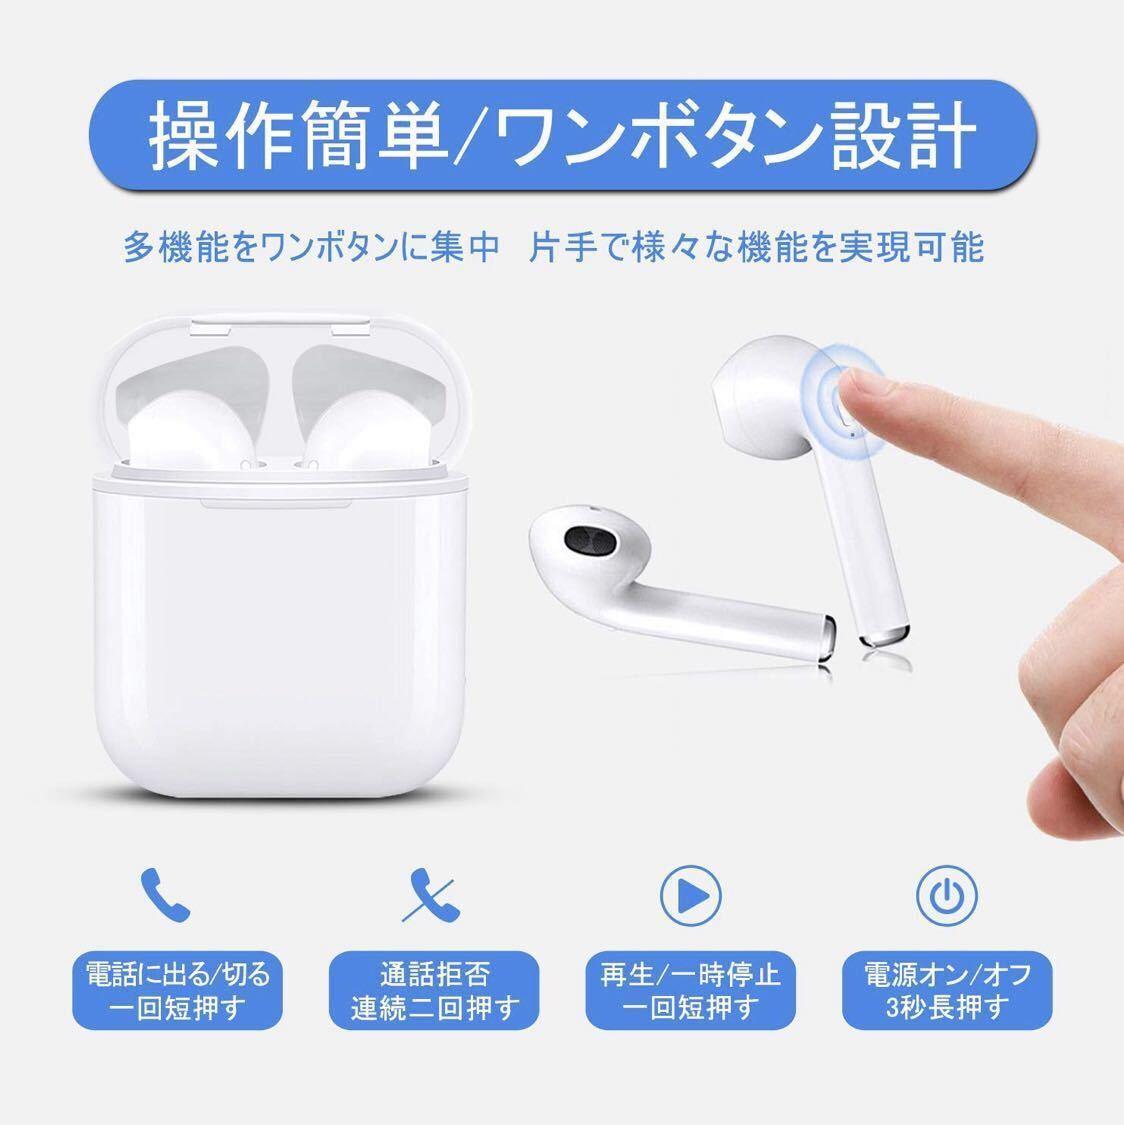 1円出品!【最新 Bluetooth5.0】ワイヤレスイヤホン ブルートゥース高音質 自動で接続ペアリング両耳通話 5時間連続音楽再生可能_画像3